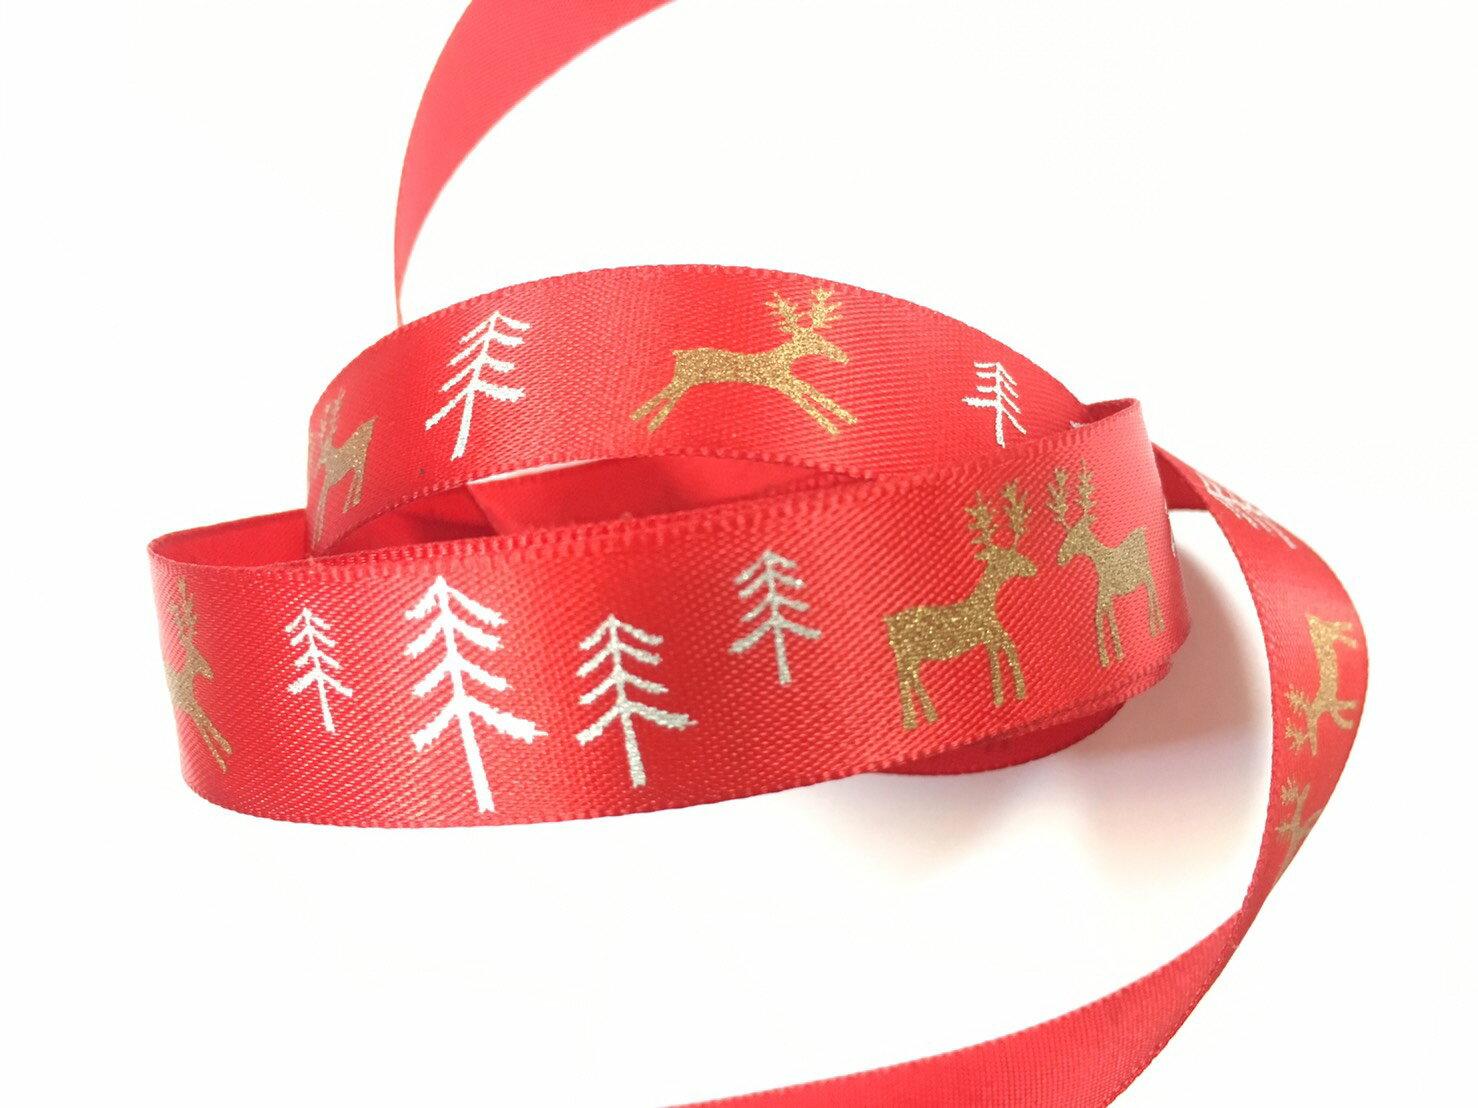 聖誕麋鹿雪樹緞帶15mm3碼裝(單緞面7色) 3